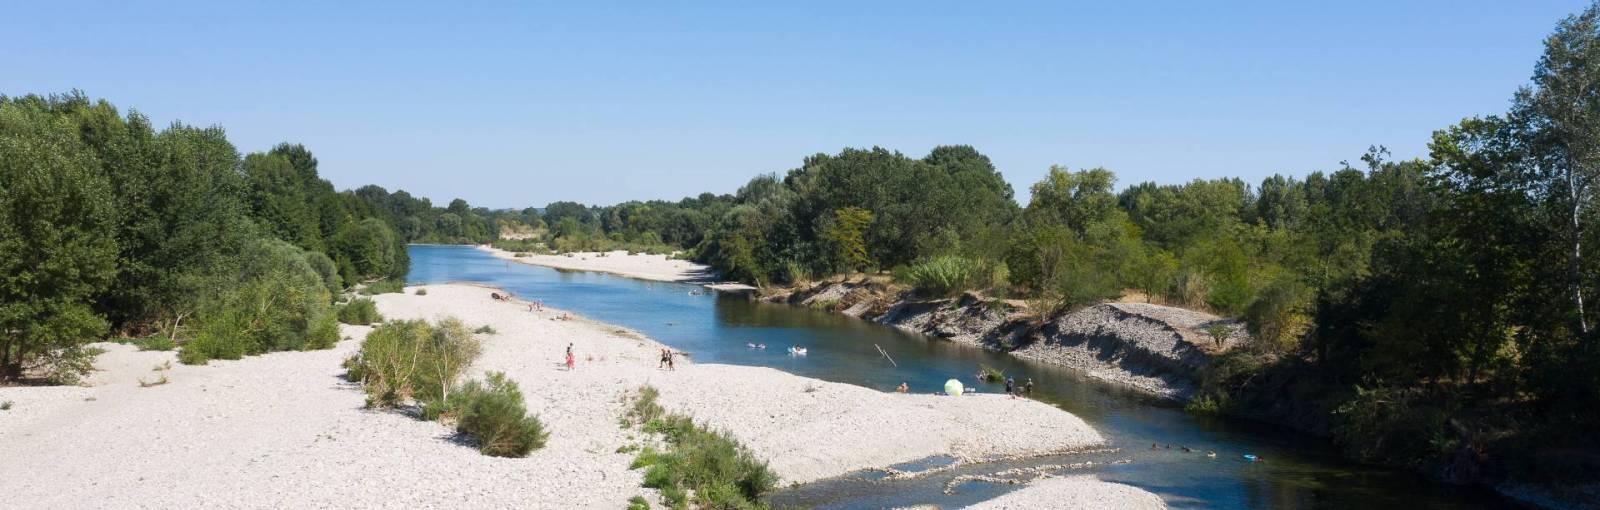 Rivière le Gardon avec accés direct par le camping Domaine de Gaujac